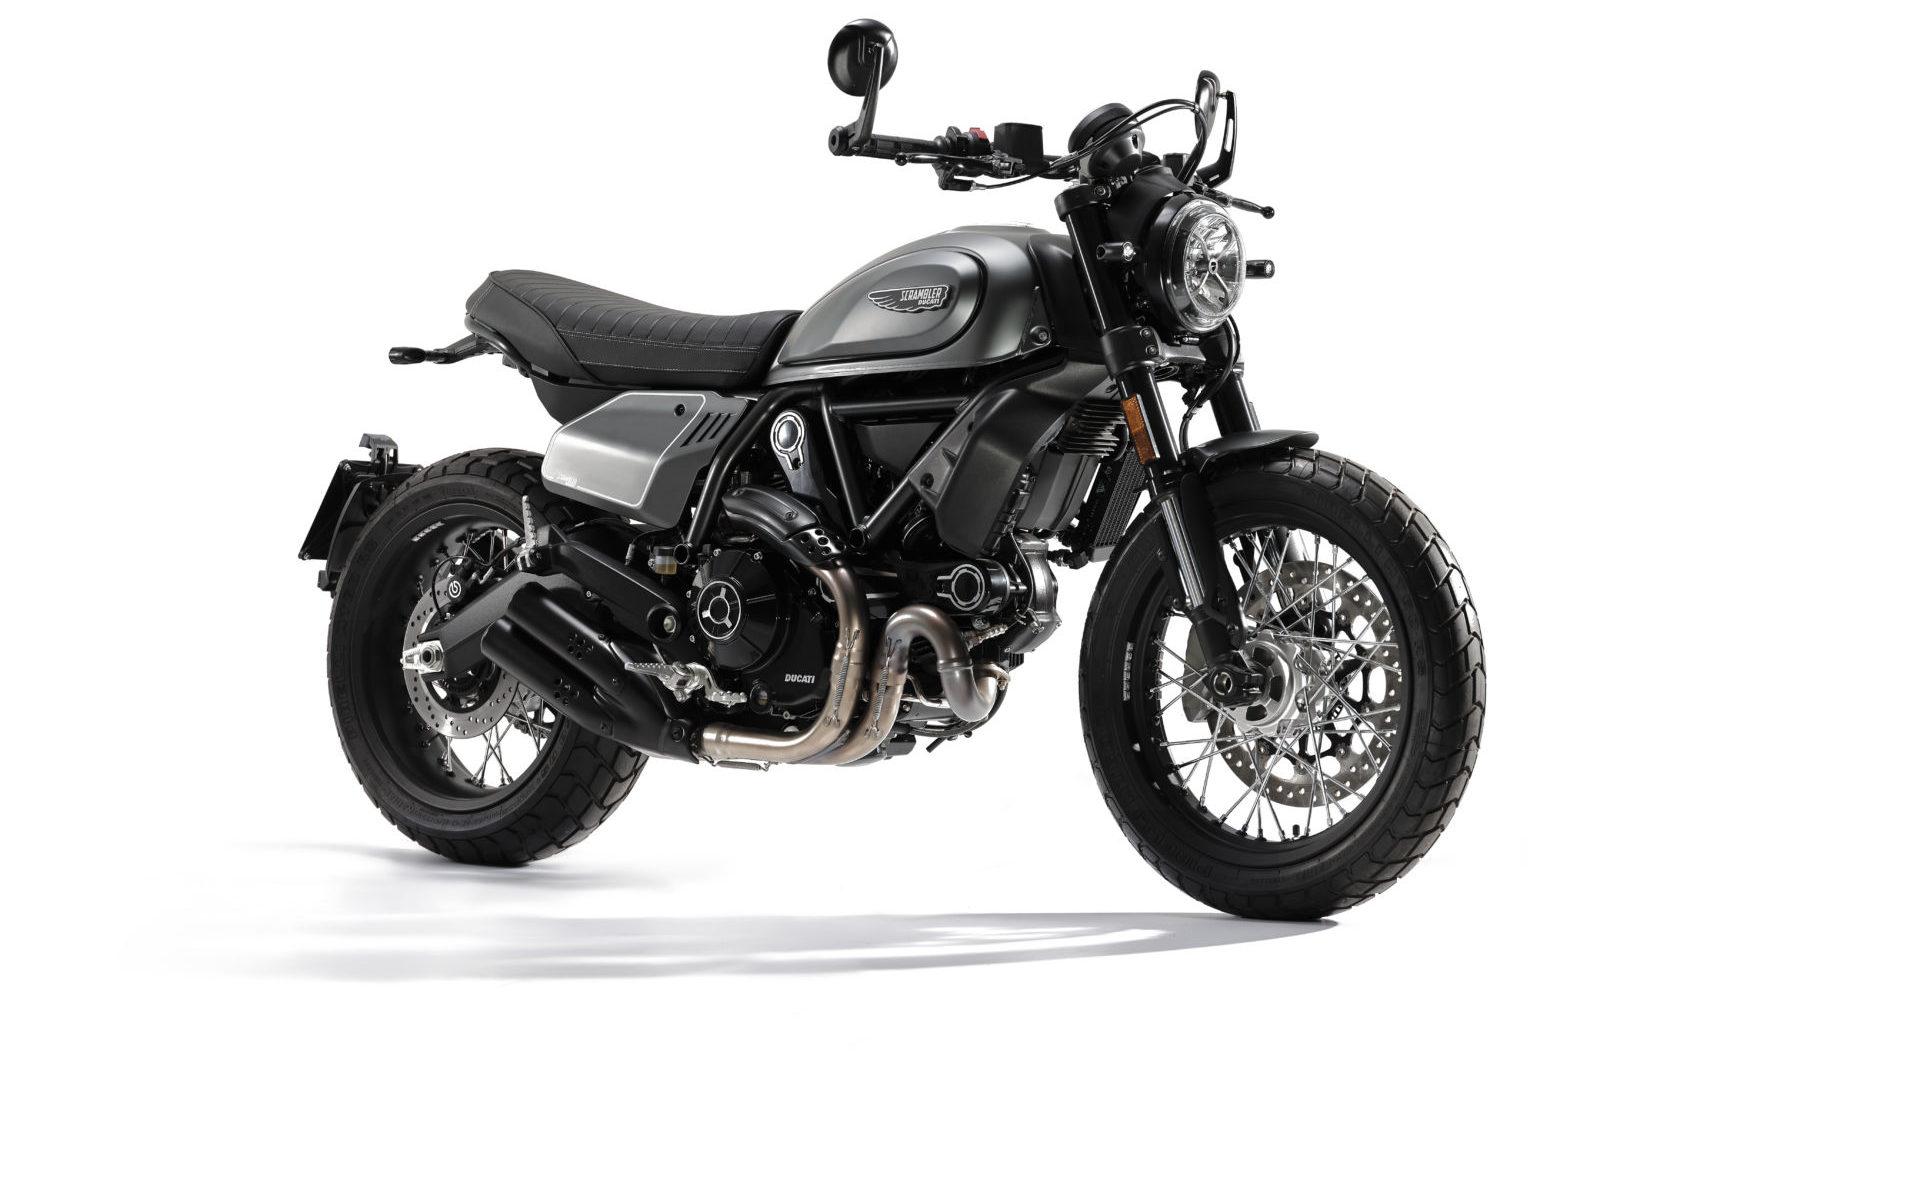 A 2021 Ducati Scrambler Nightshift. Photo courtesy Ducati.